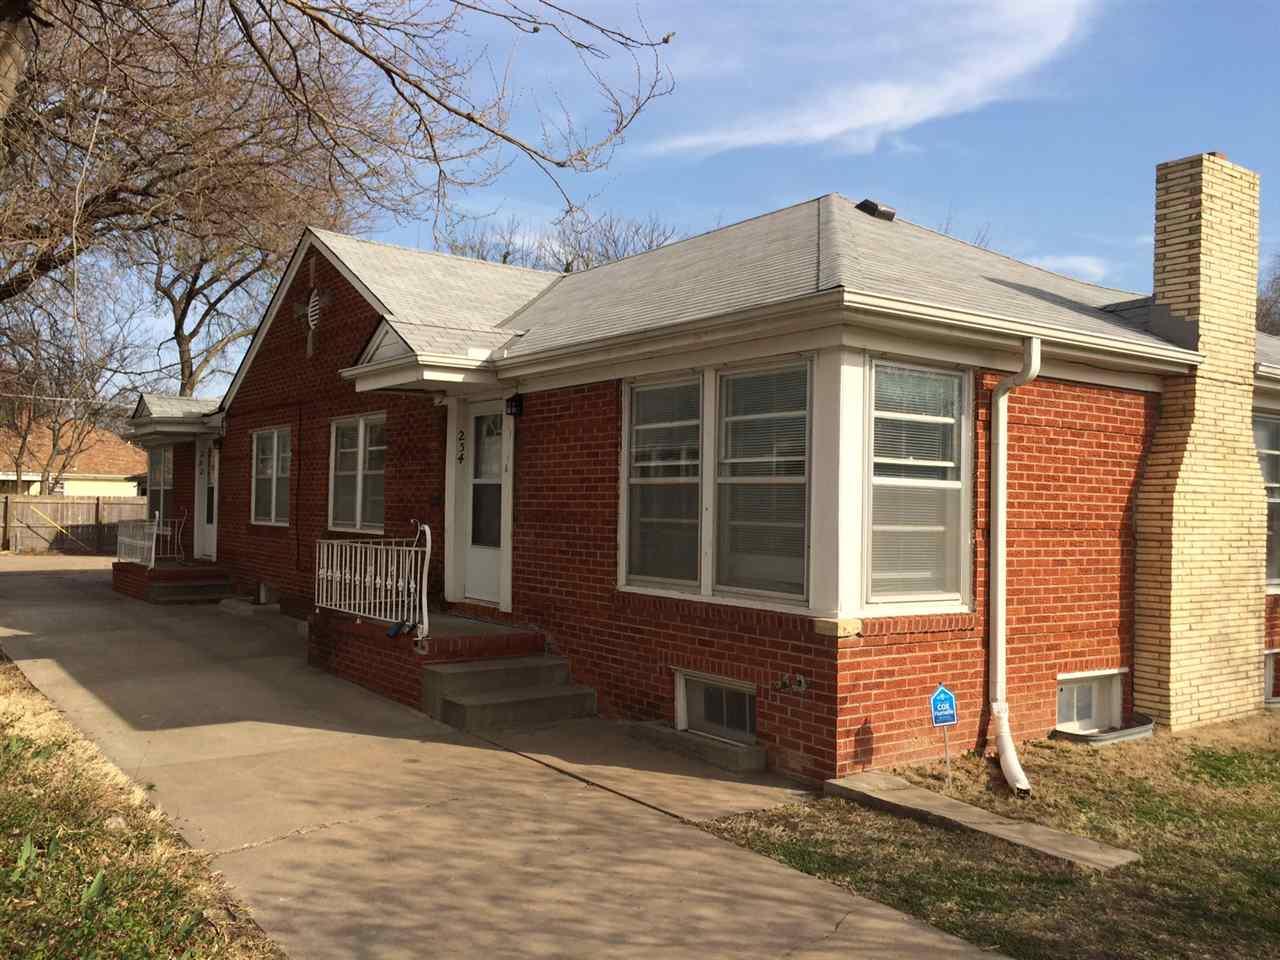 252 S Glendale St, Wichita, KS 67218